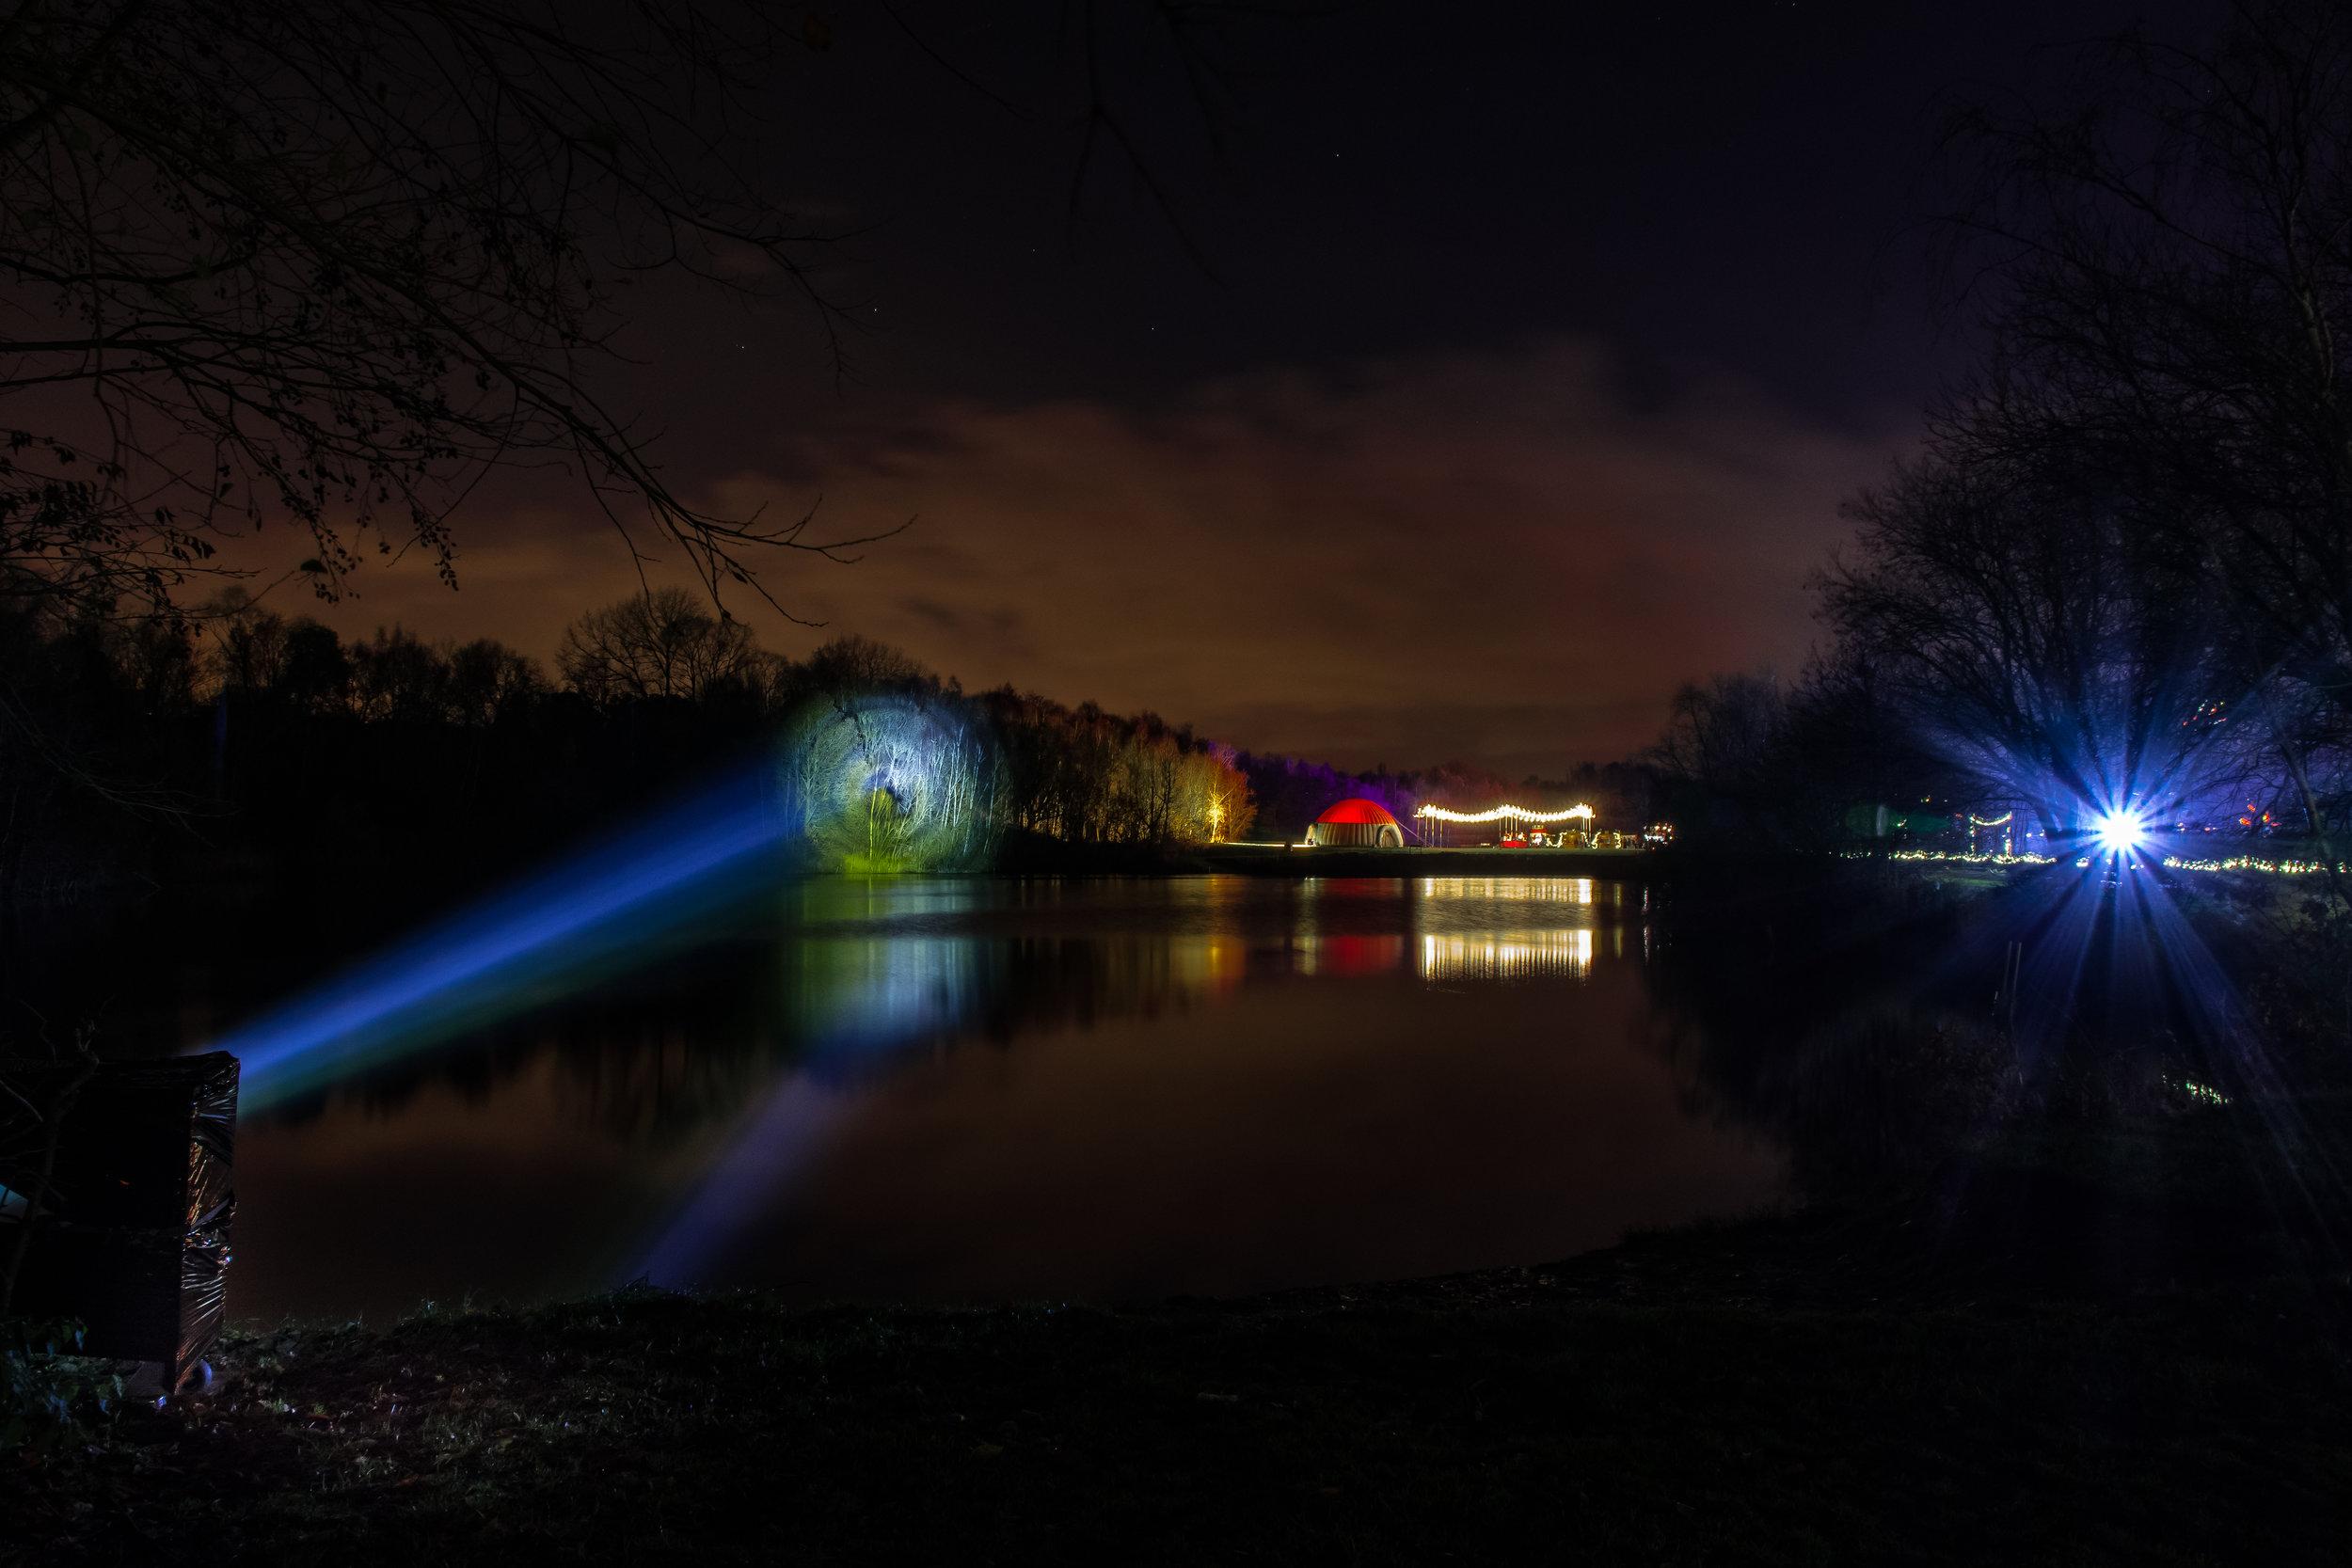 viewfinder-licht-fotograferen-nacht-avond-putteke-winter-boom-schorre-1